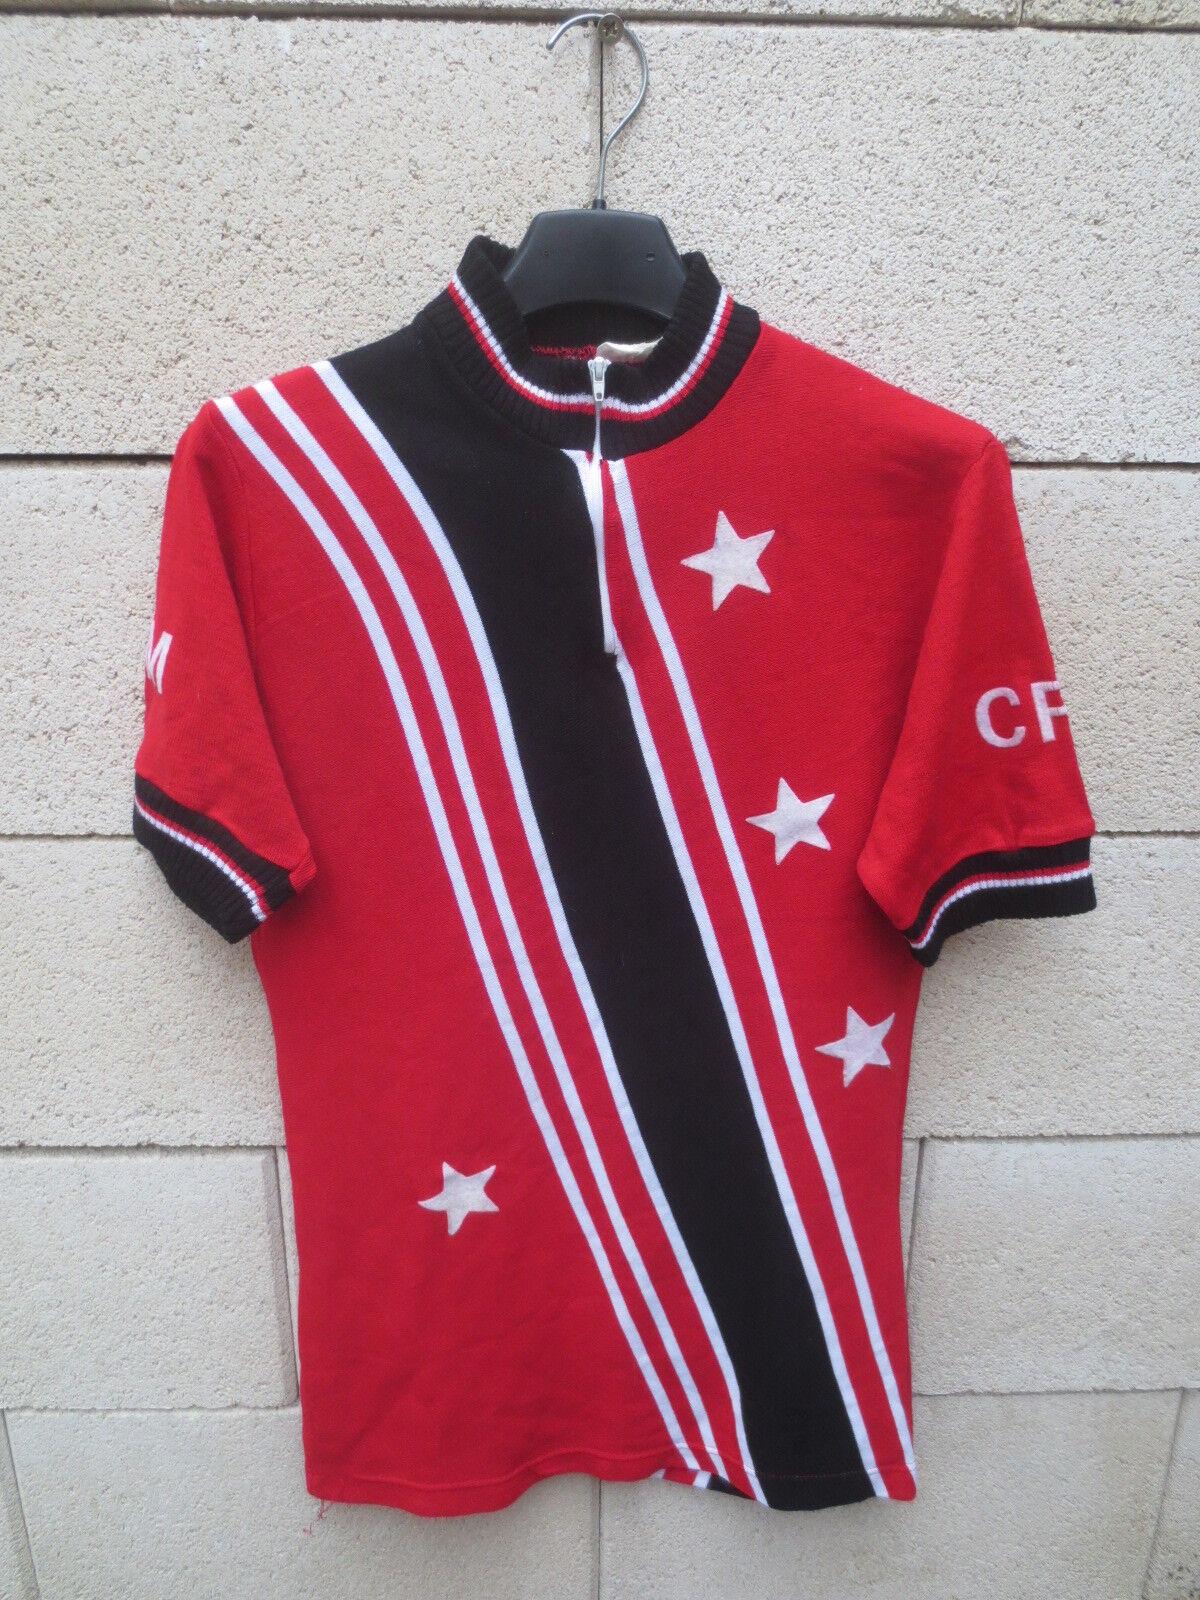 Maillot cycliste CRM Cyclo Randonneur MURET étoile vintage shirt jersey trikot 1